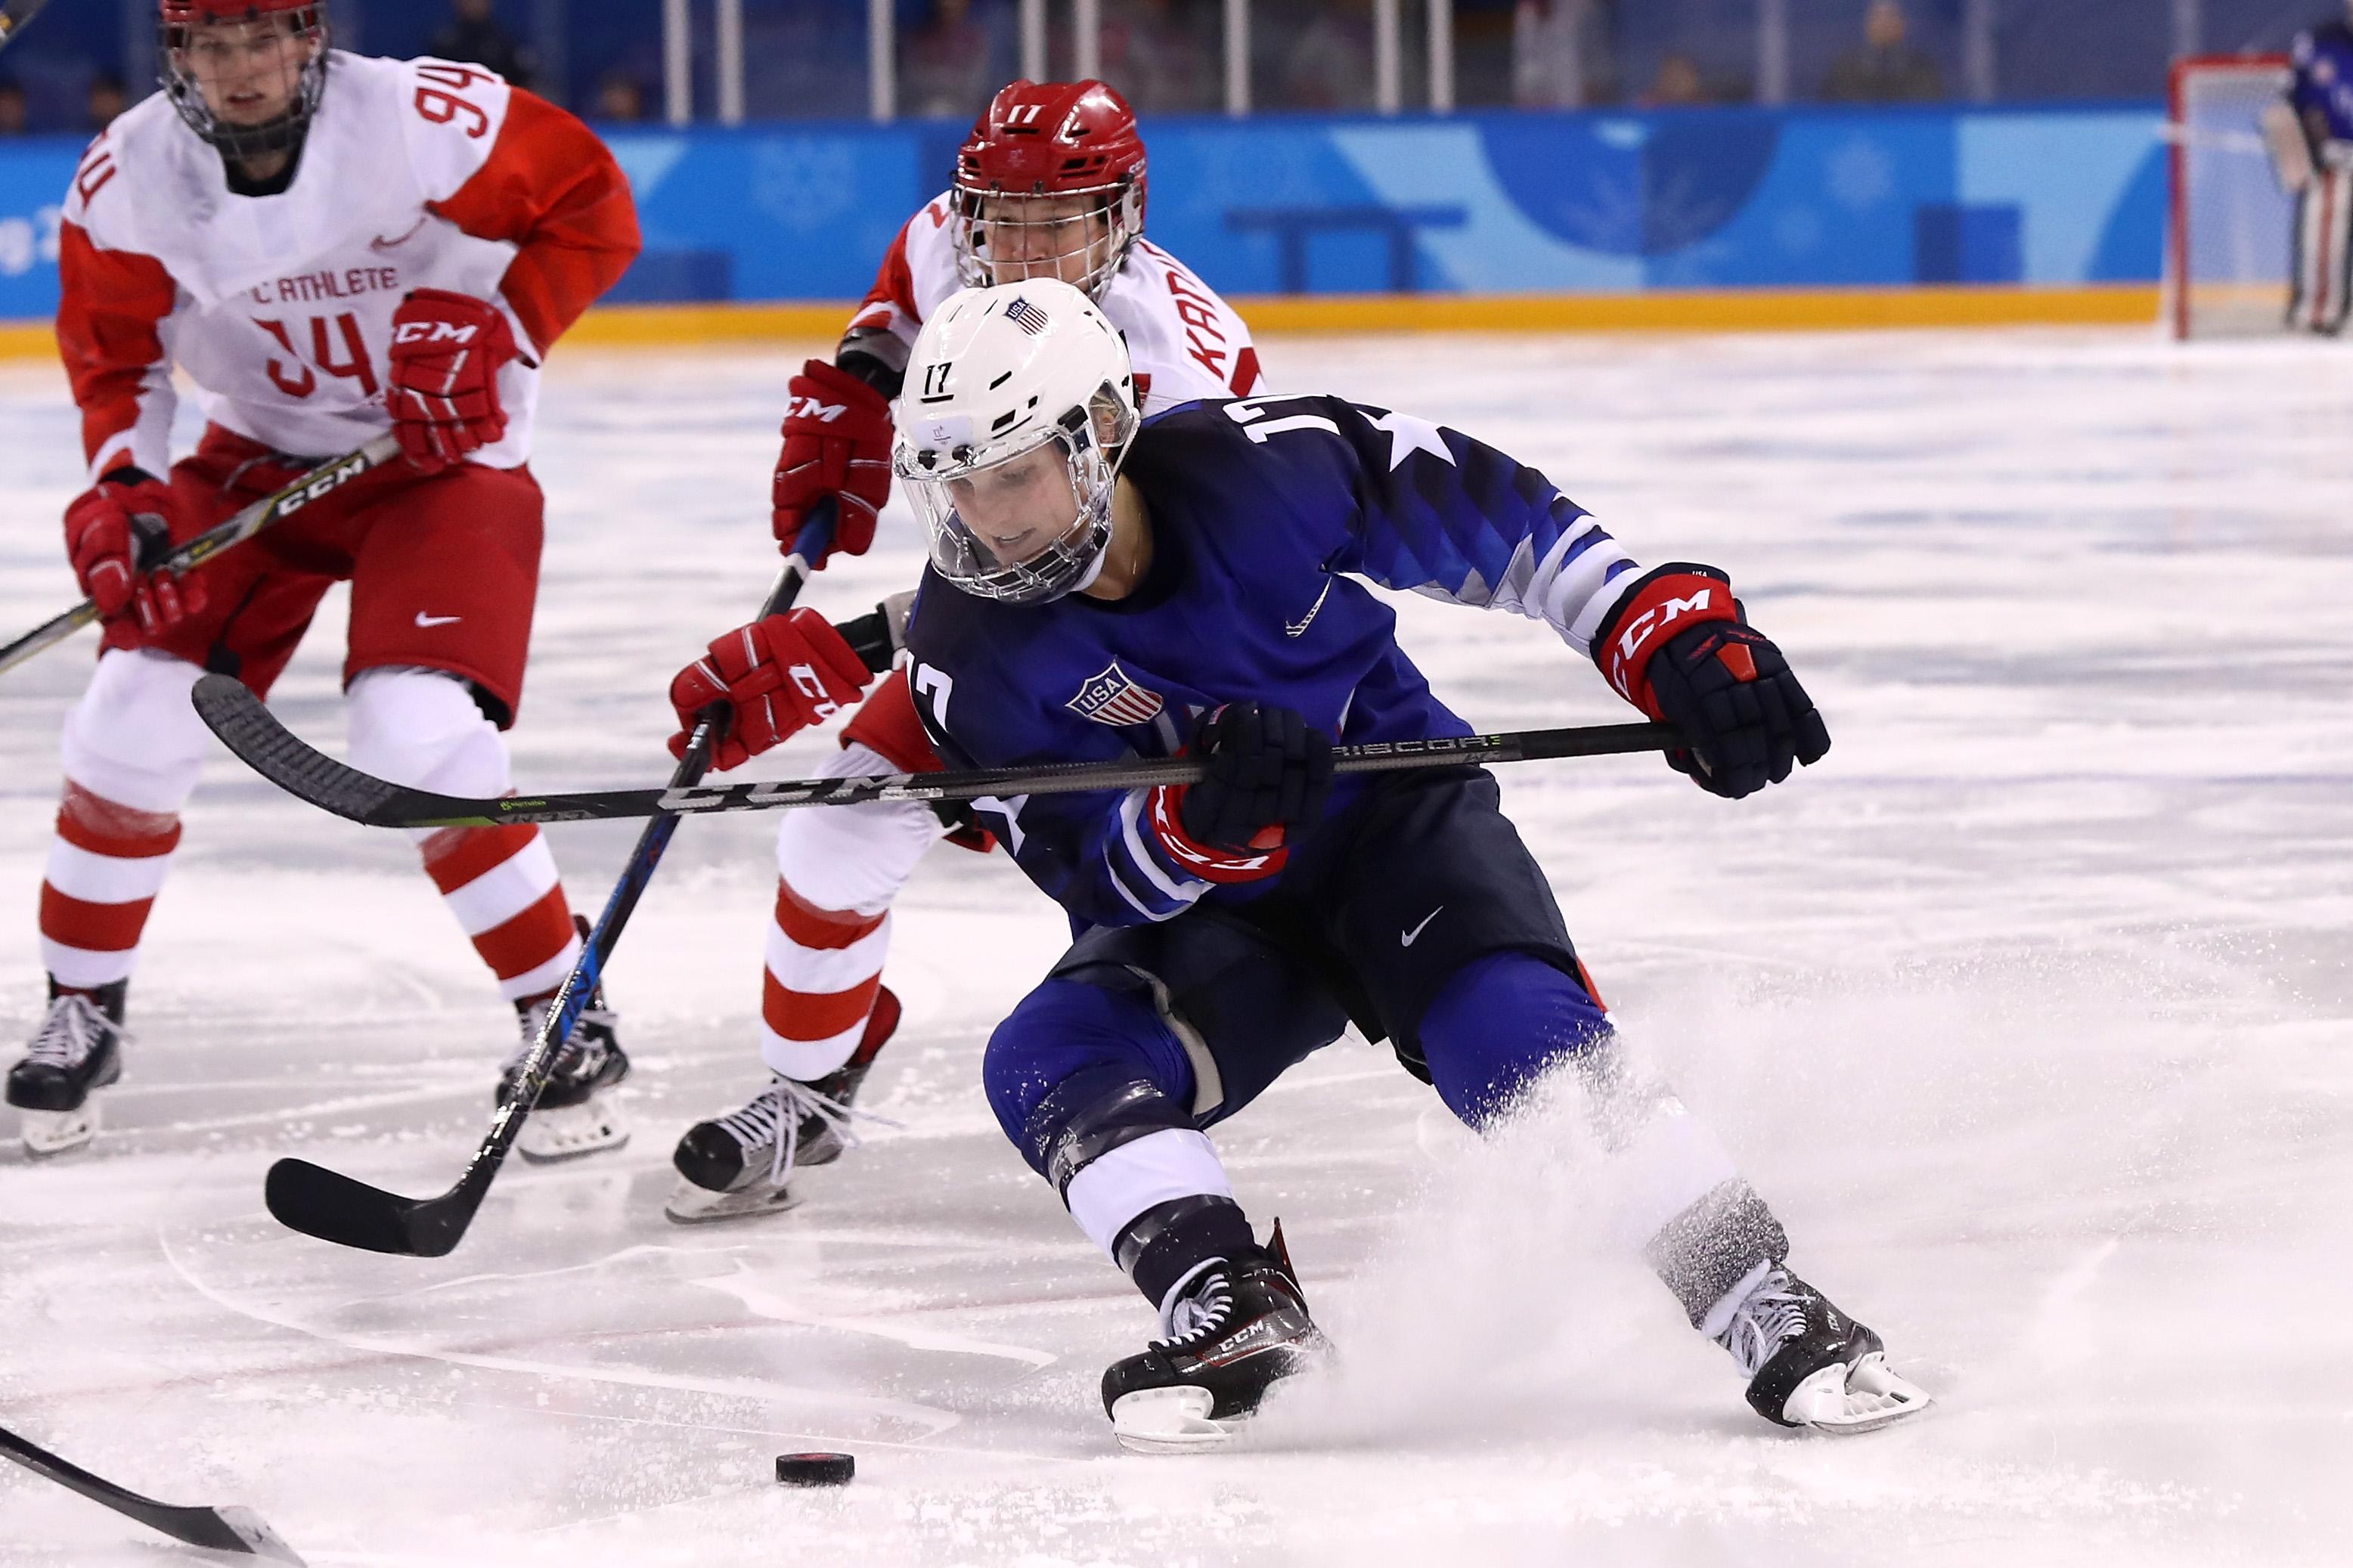 Ice Hockey - Winter Olympics Day 4